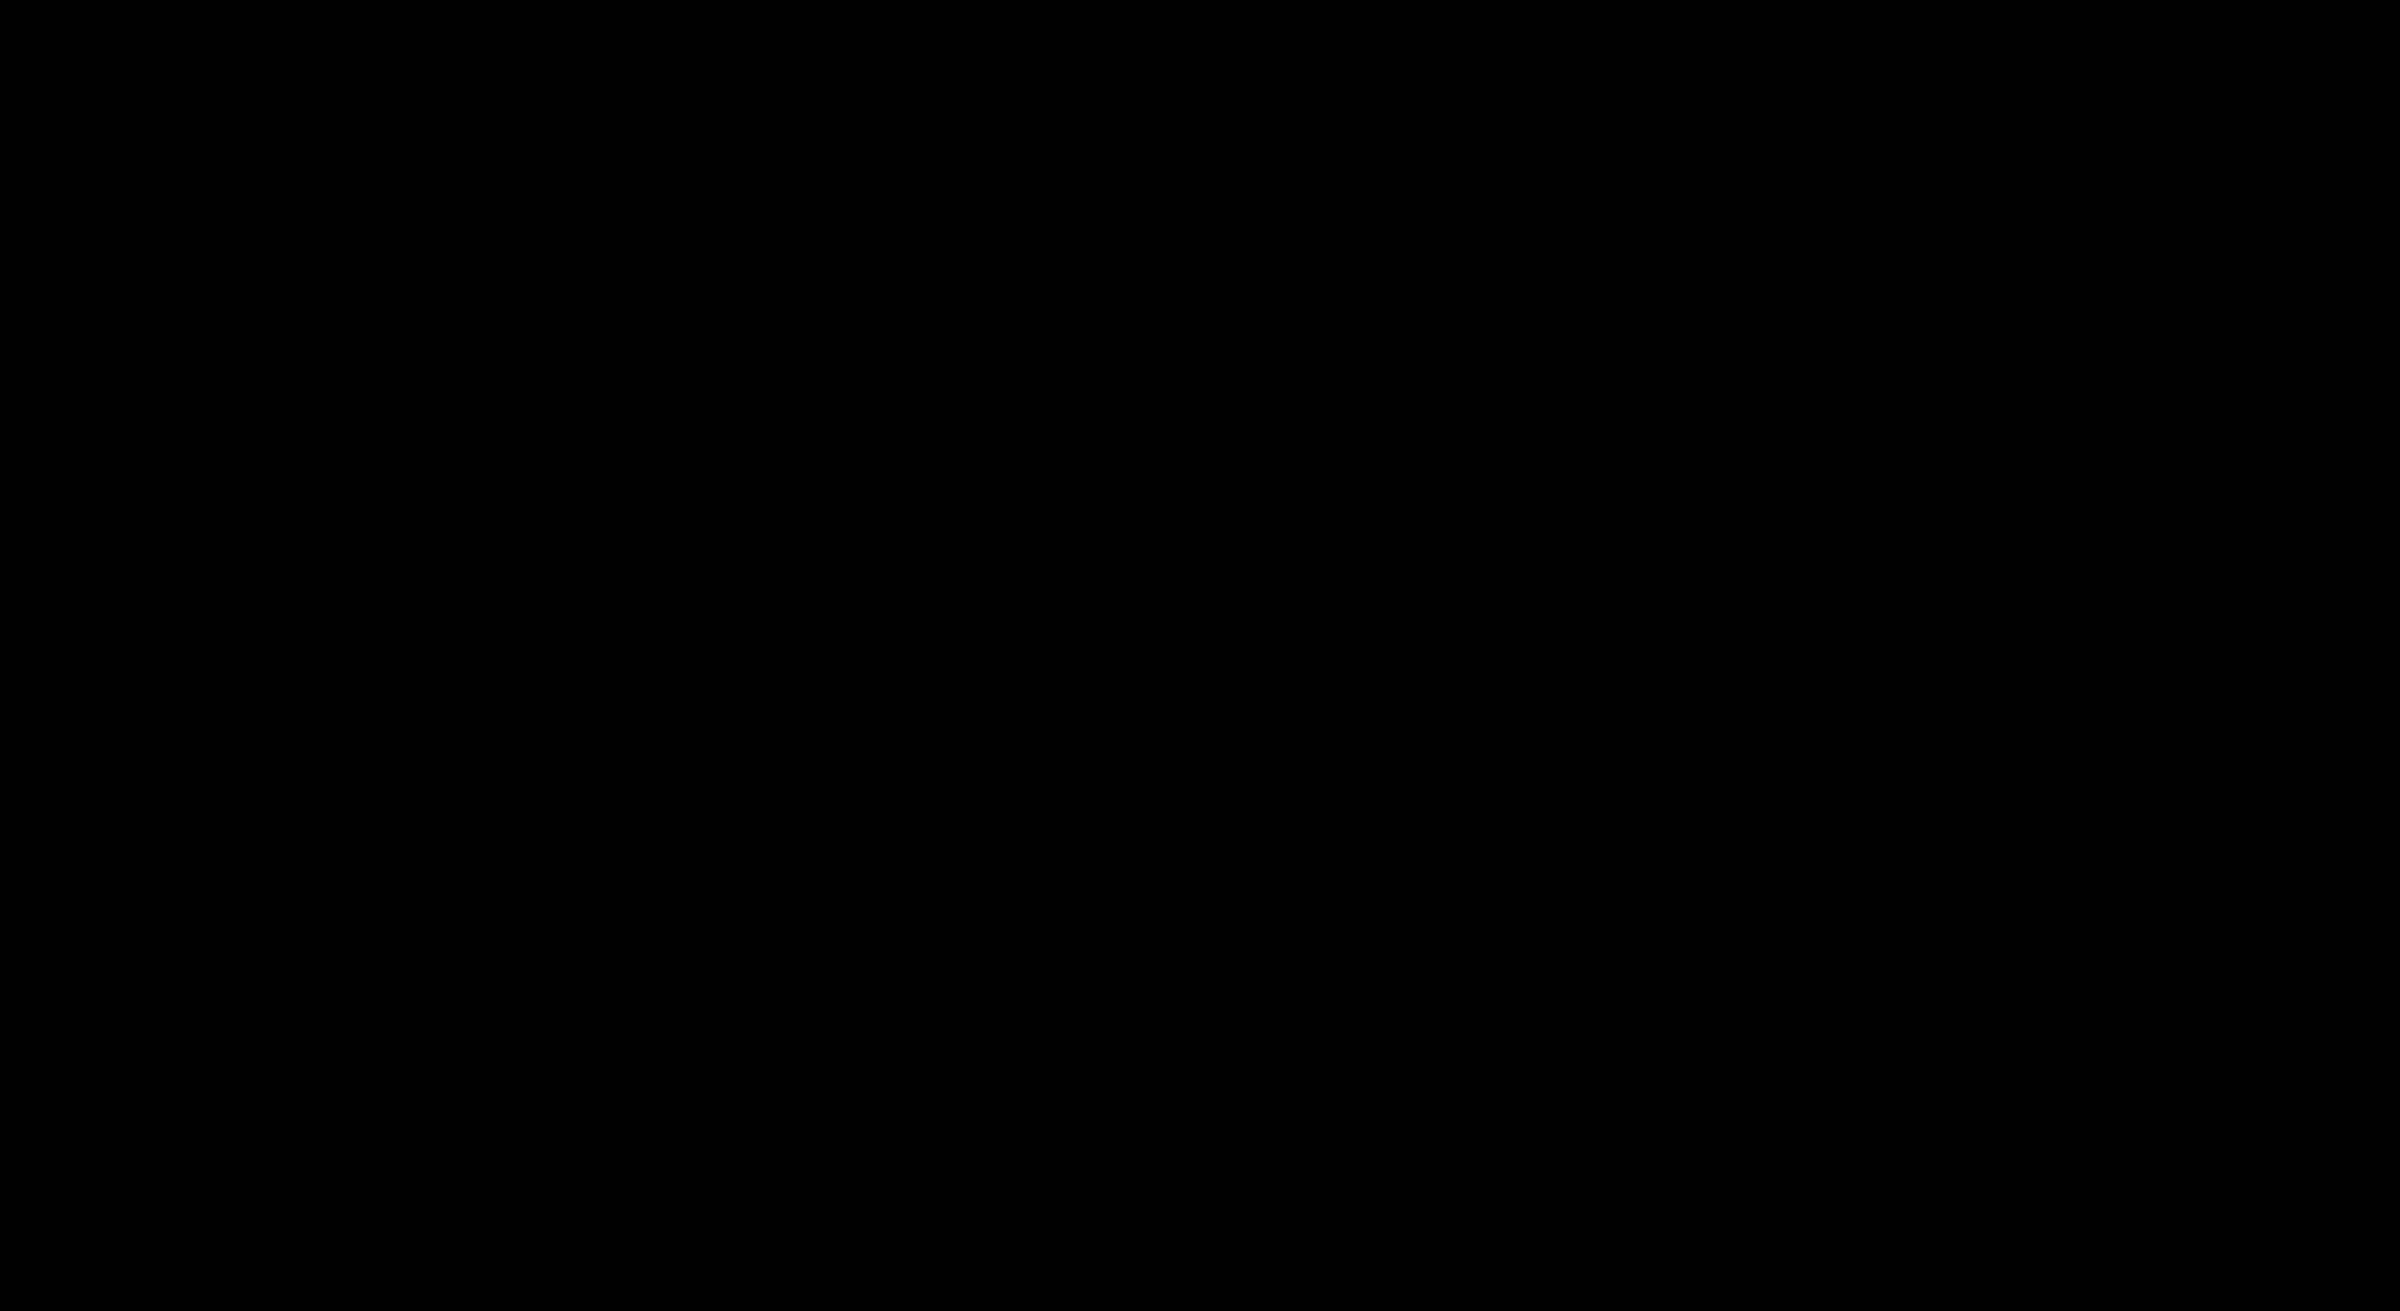 Mayan Pyramid PNG - 45433